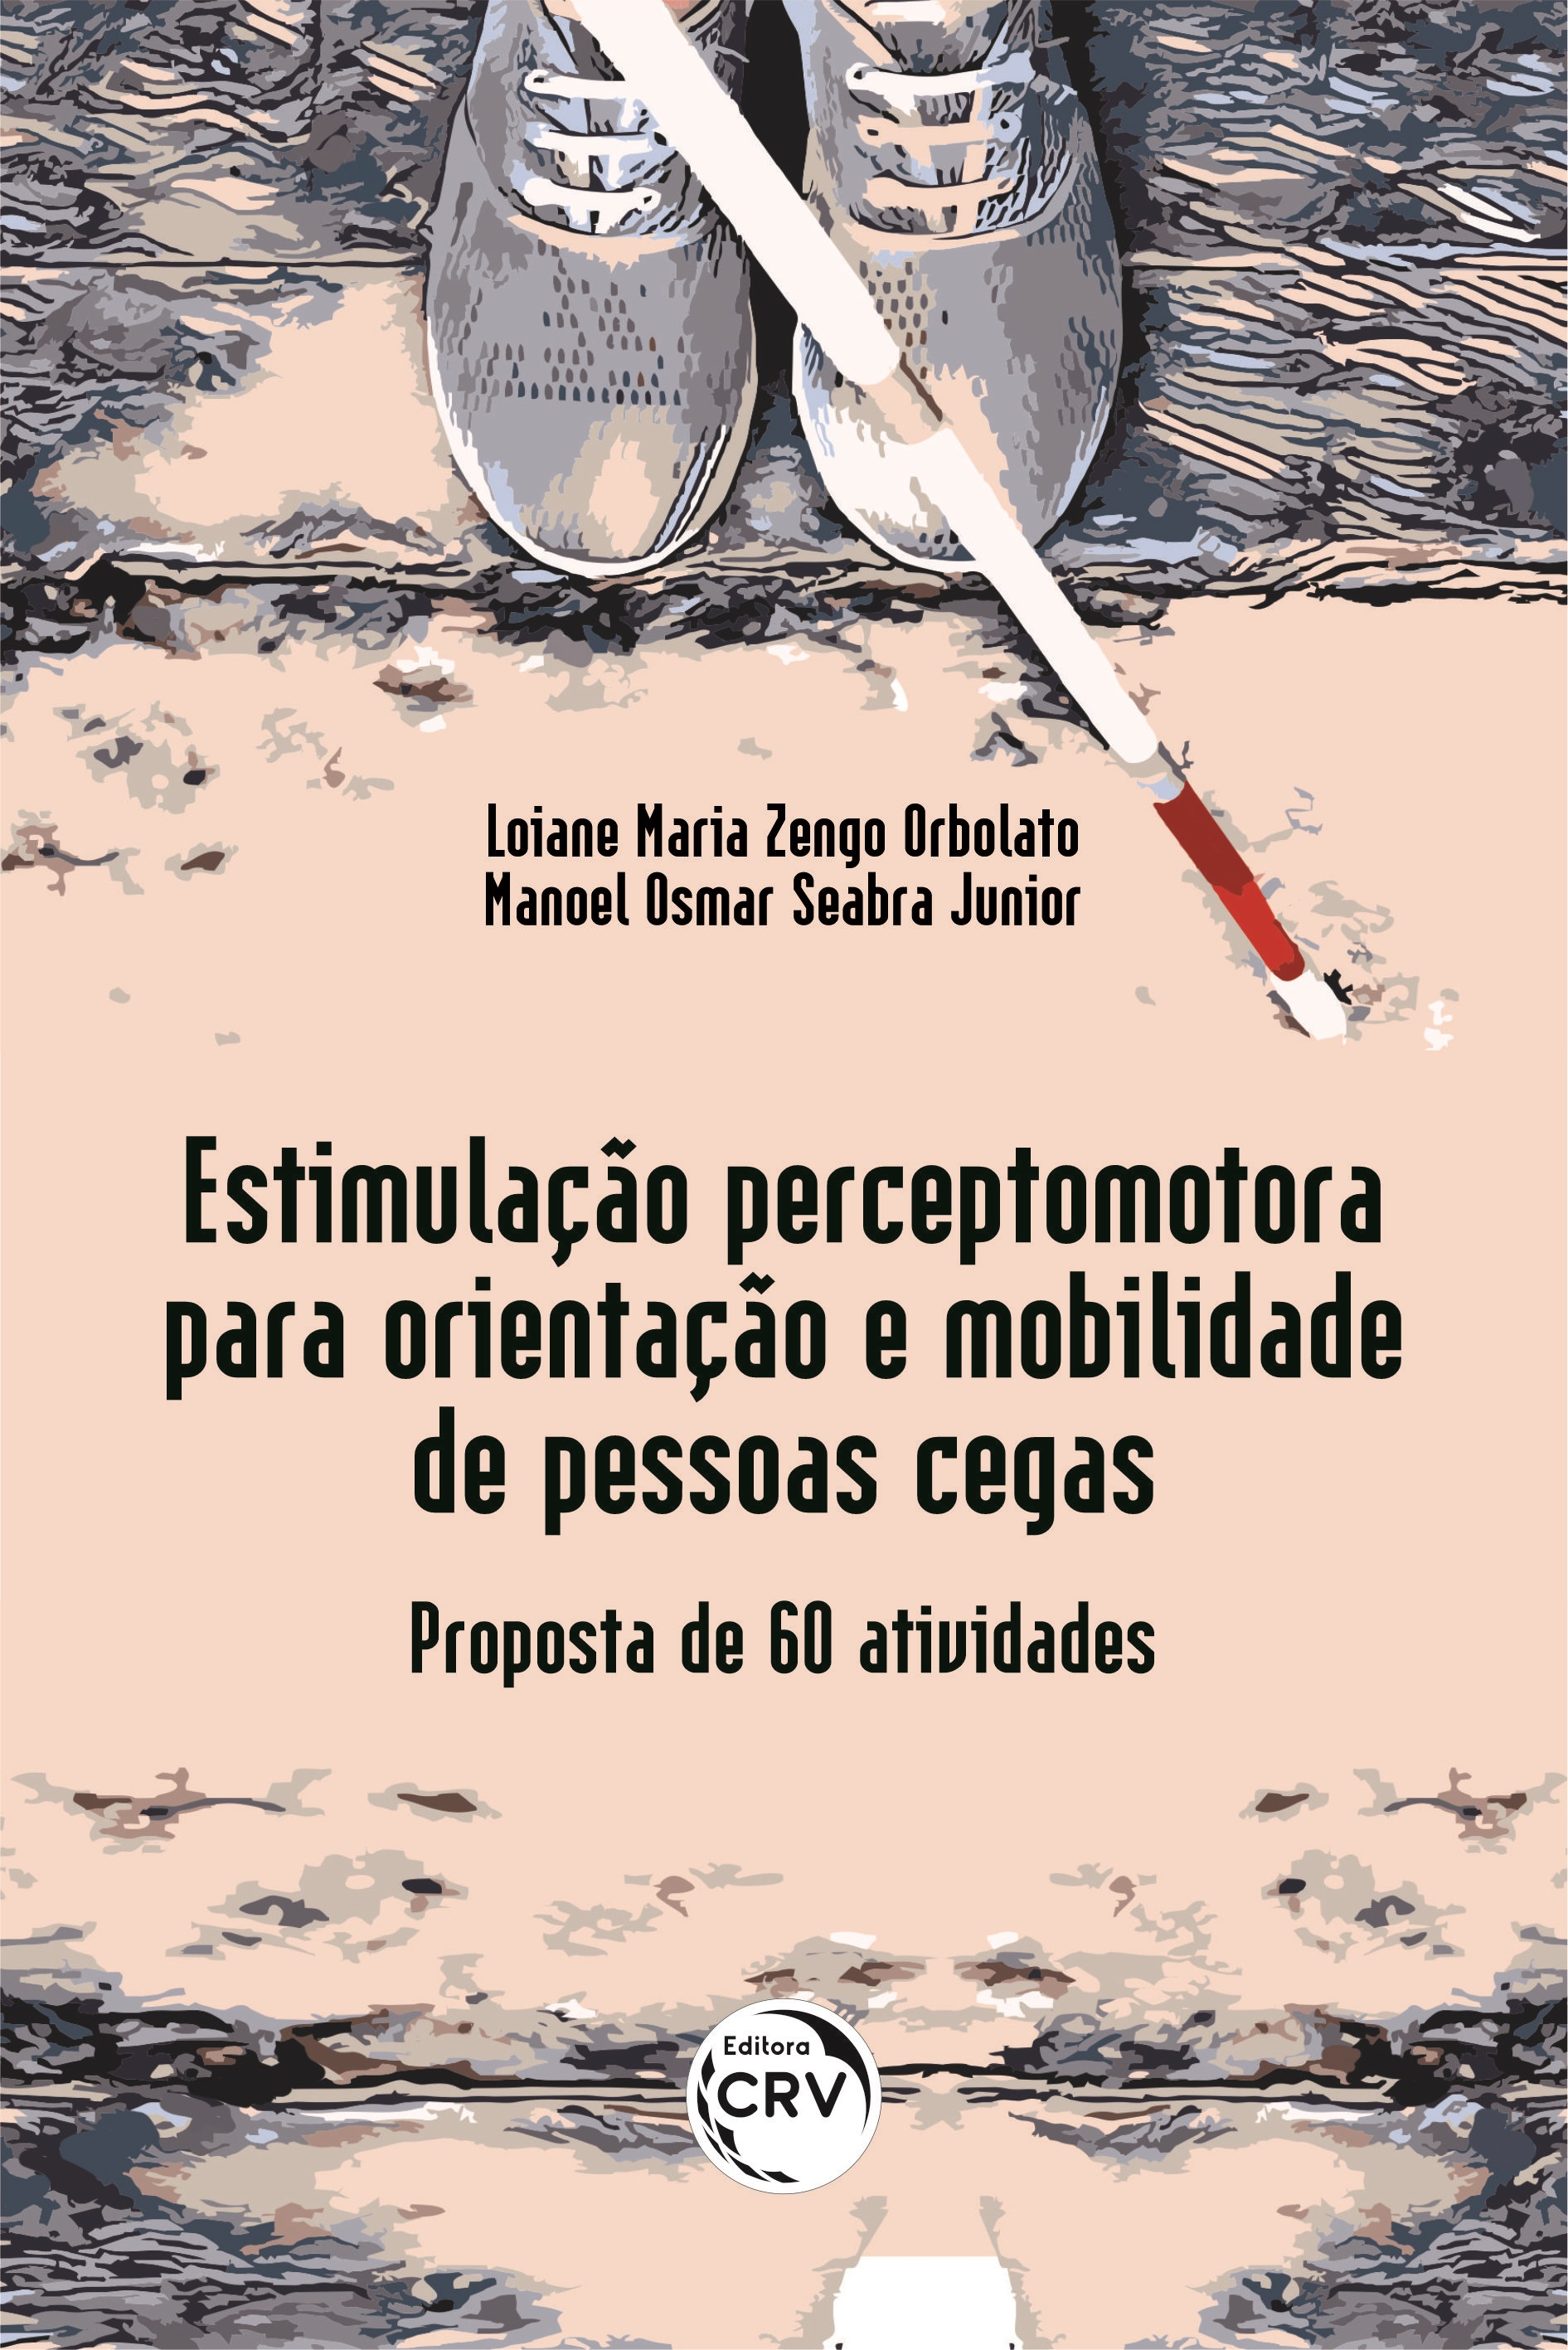 Capa do livro: ESTIMULAÇÃO PERCEPTOMOTORA PARA ORIENTAÇÃO E MOBILIDADE DE PESSOAS CEGAS: <br>proposta de 60 atividades